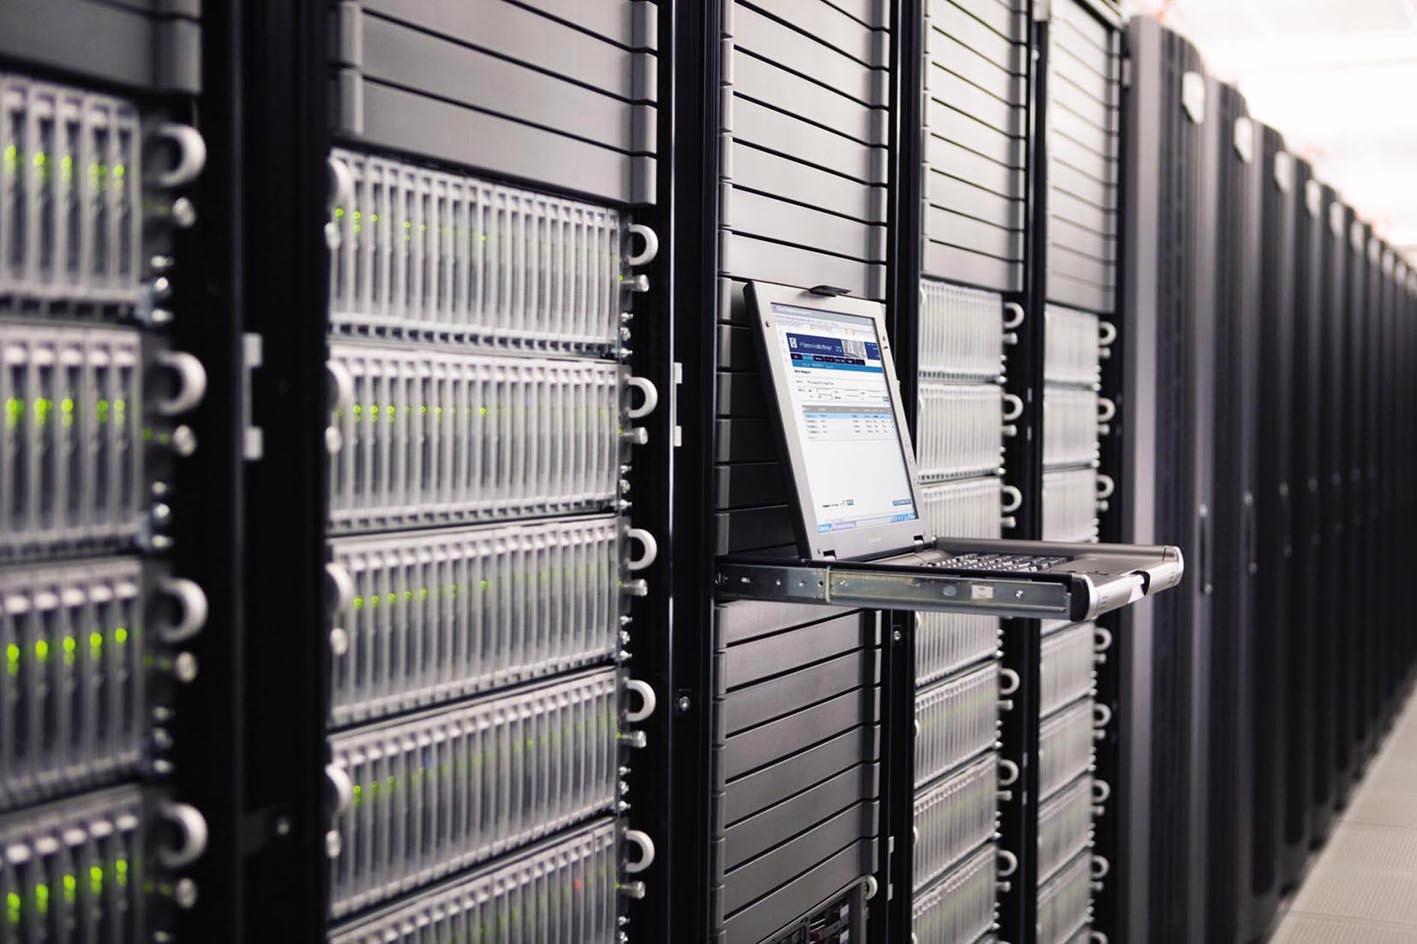 информация картинка сервера фото модные альтернативы для